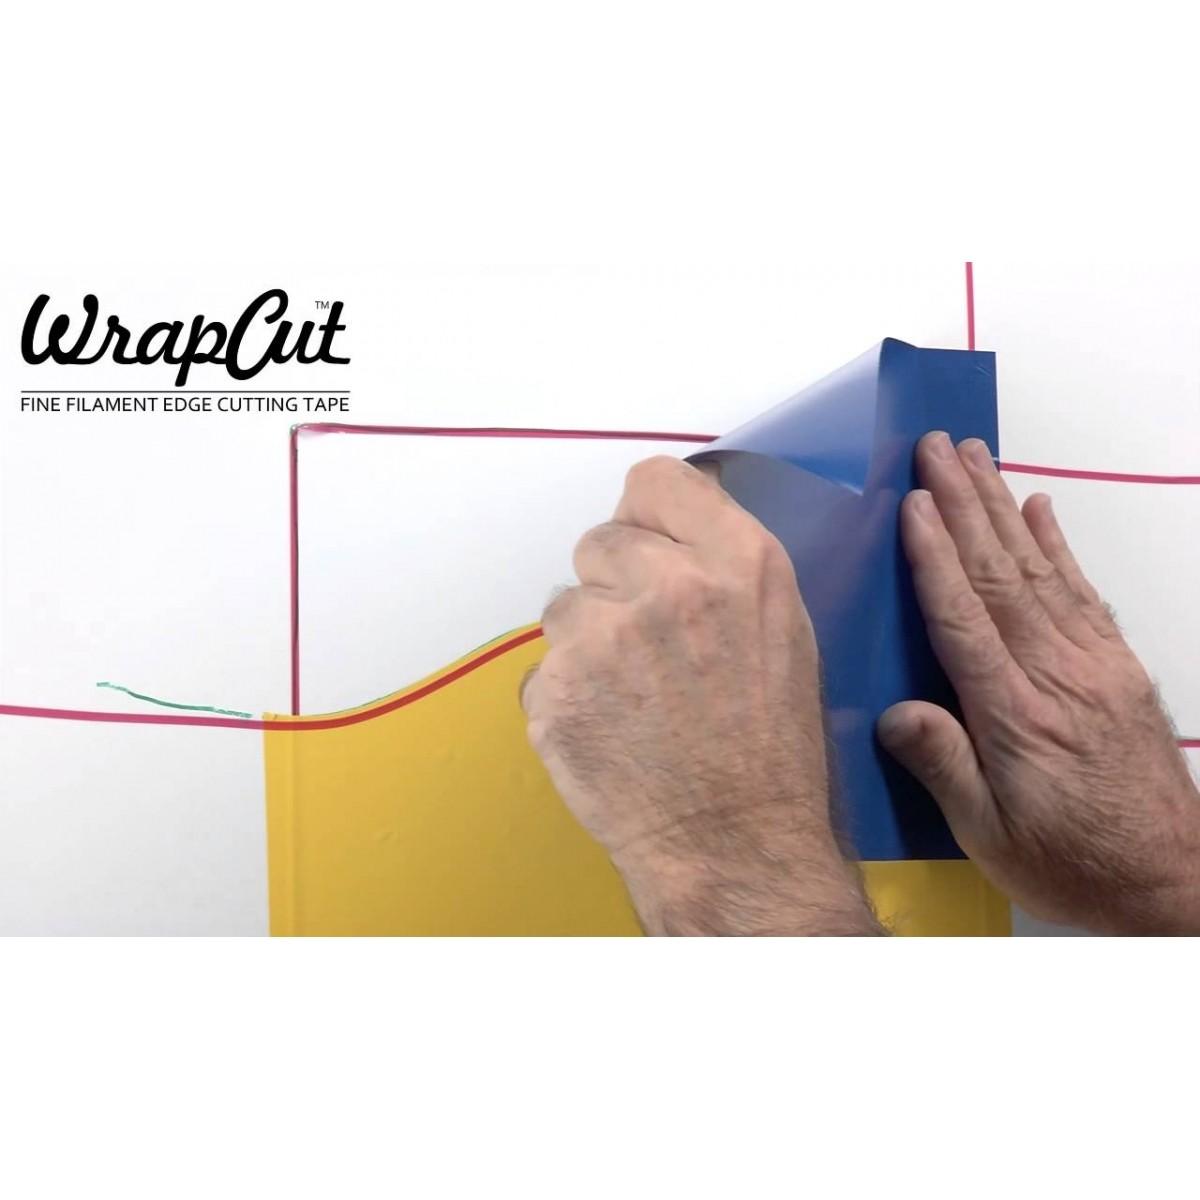 WrapCut - Caixa com 4 unidades